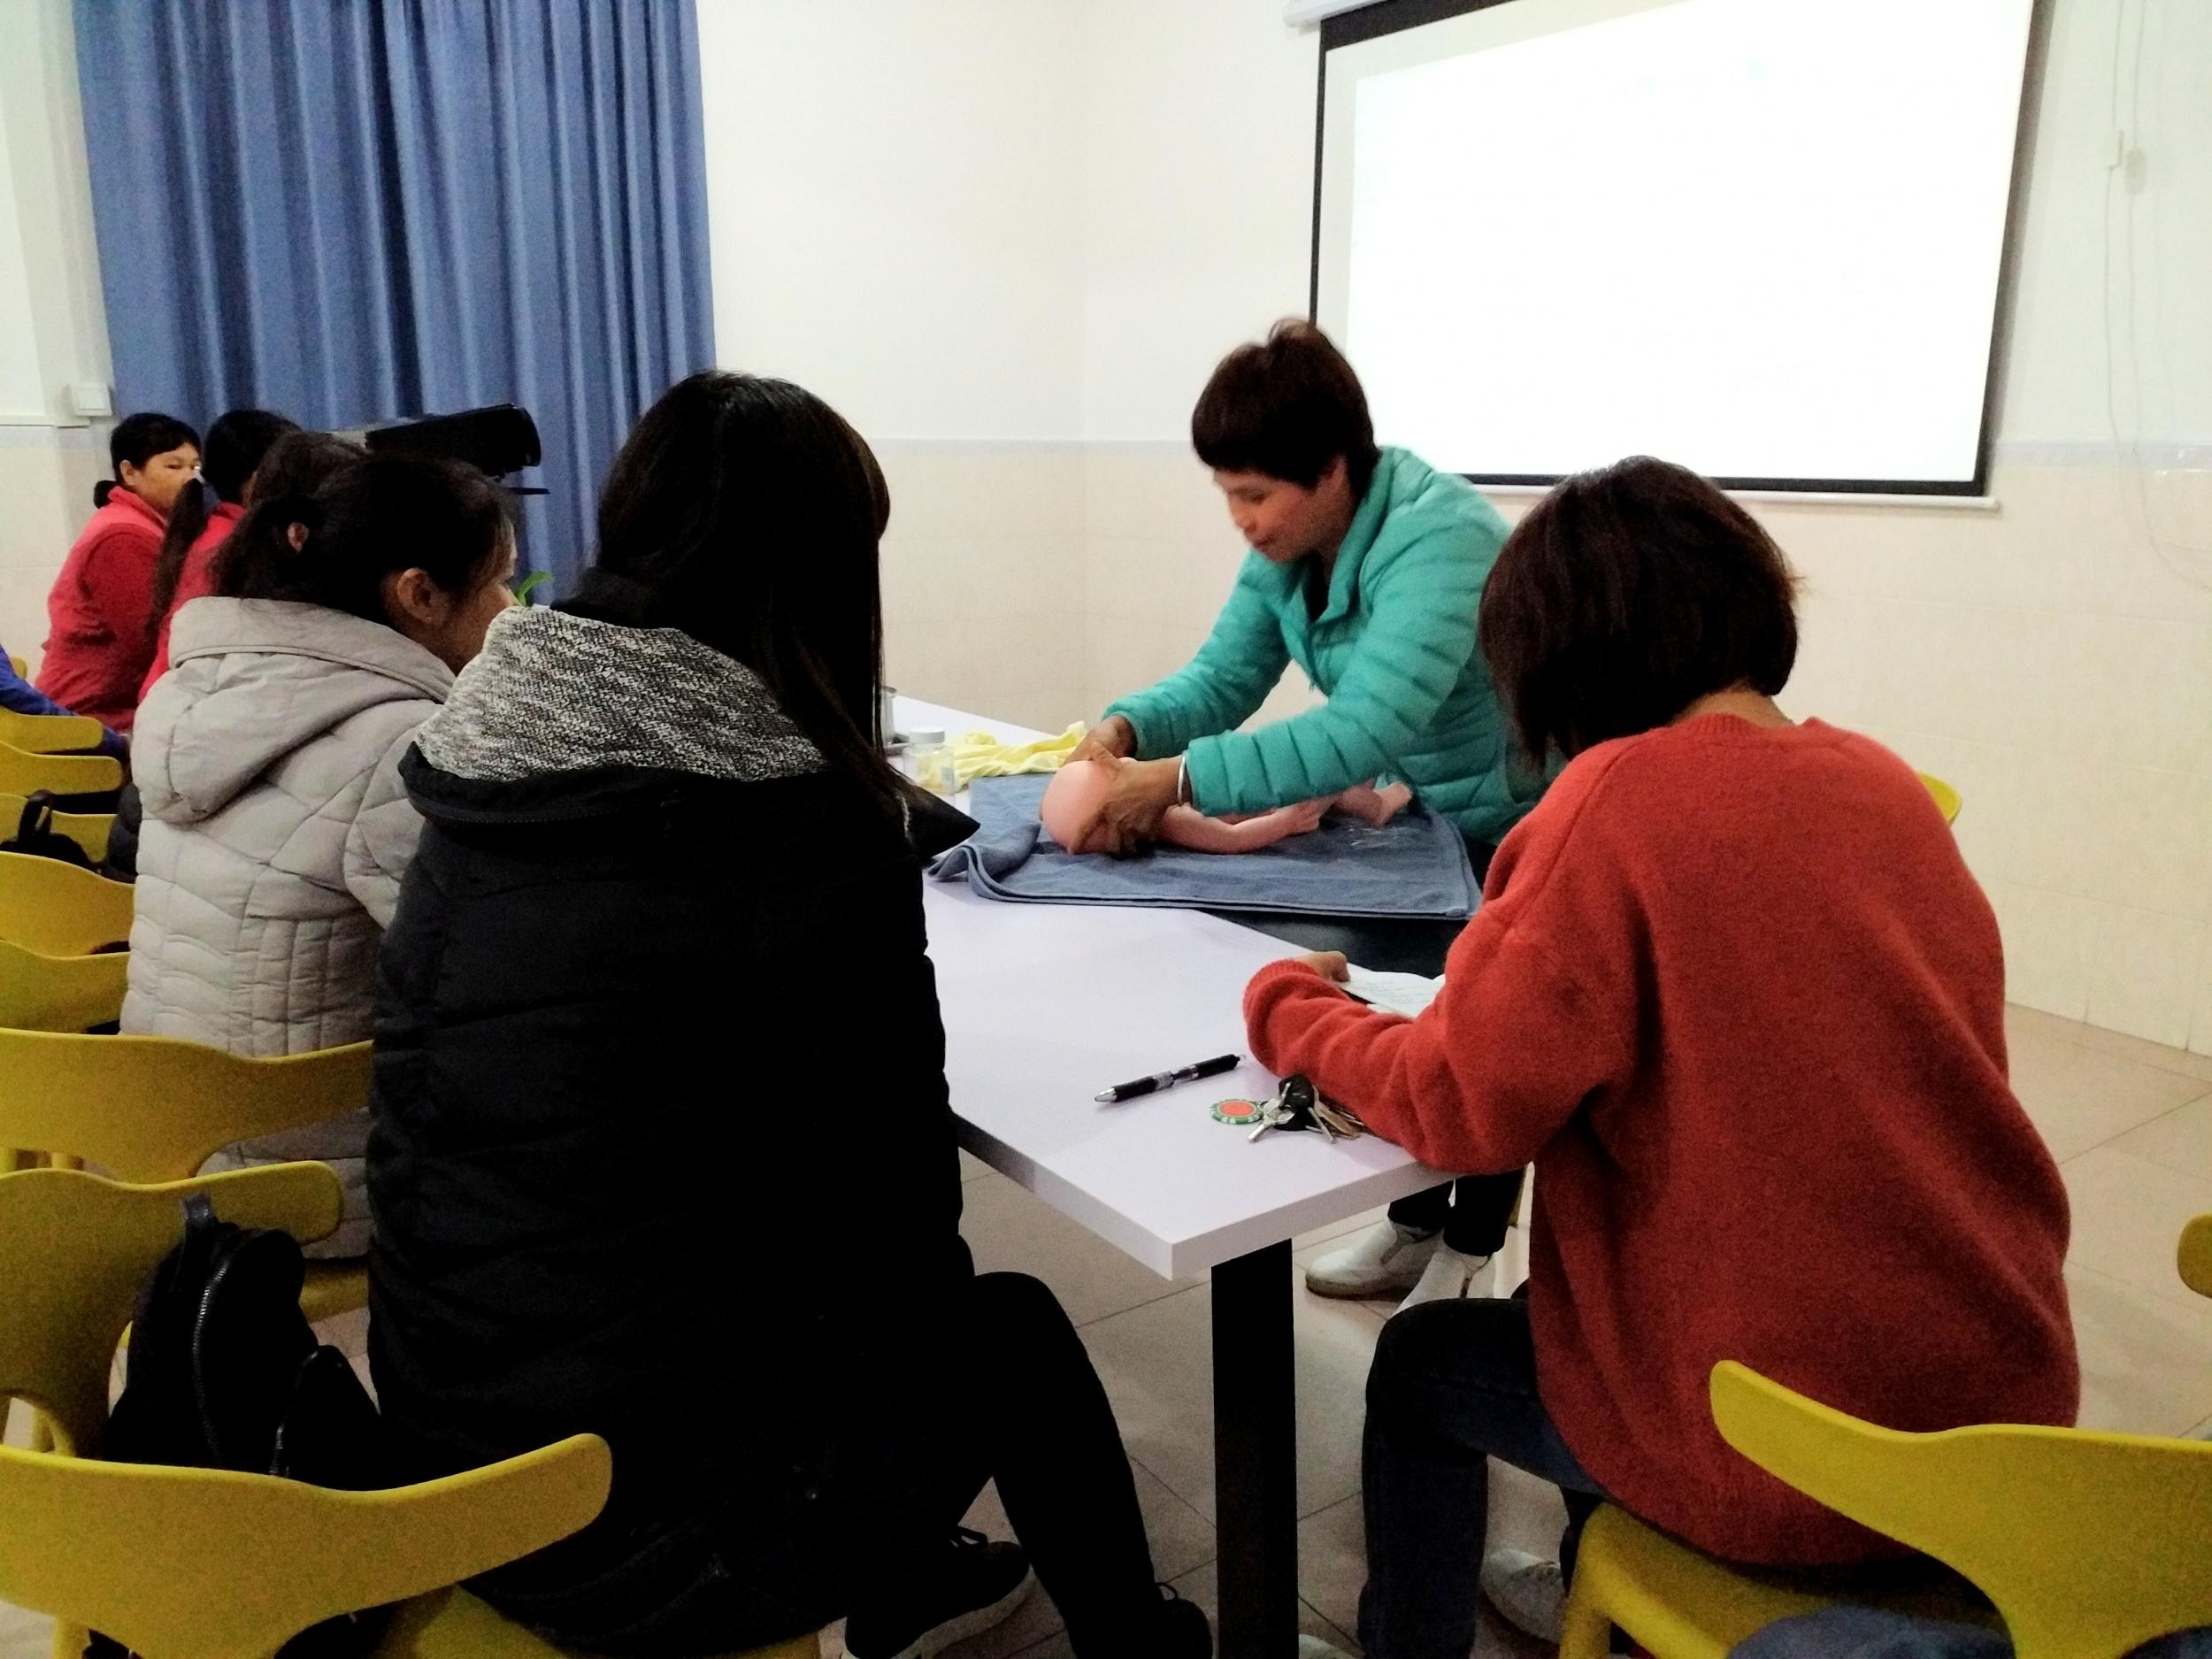 康悦母婴2月份高级月嫂上课中 欢迎免费试听试学